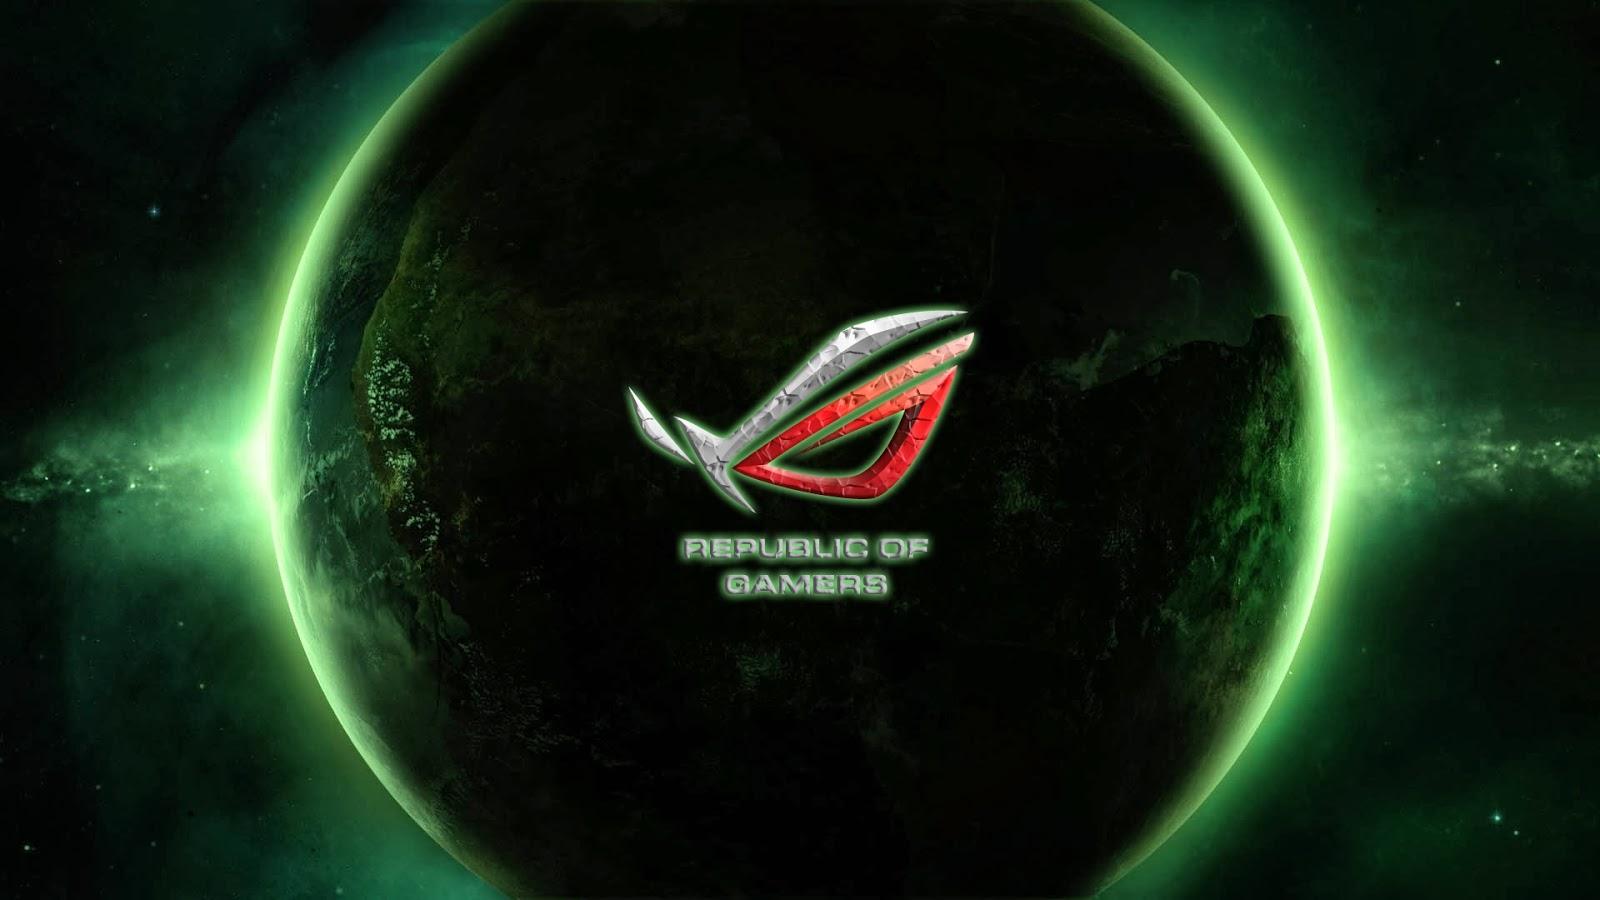 Asus Mobile Wallpaper: Republic Of Gamers HD Wallpaper